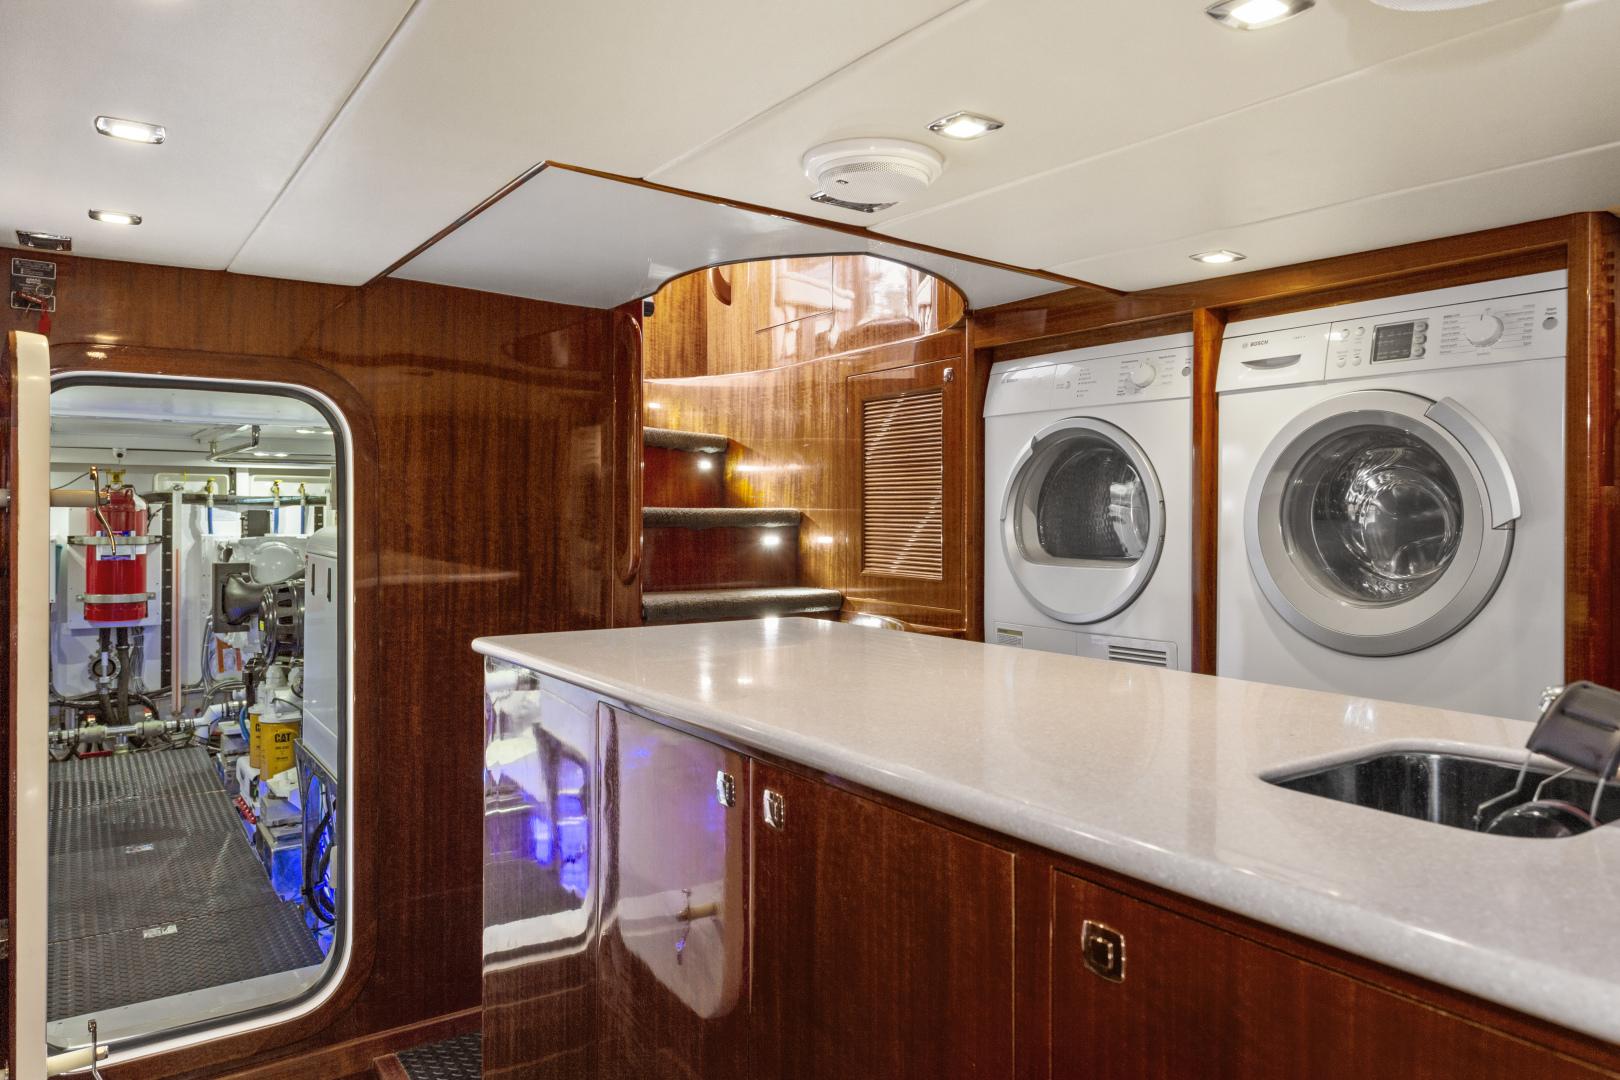 Hampton-76 Skylounge Motoryacht 2014-ODYSEA San Diego-California-United States-UTILITY ROOM-1165174 | Thumbnail